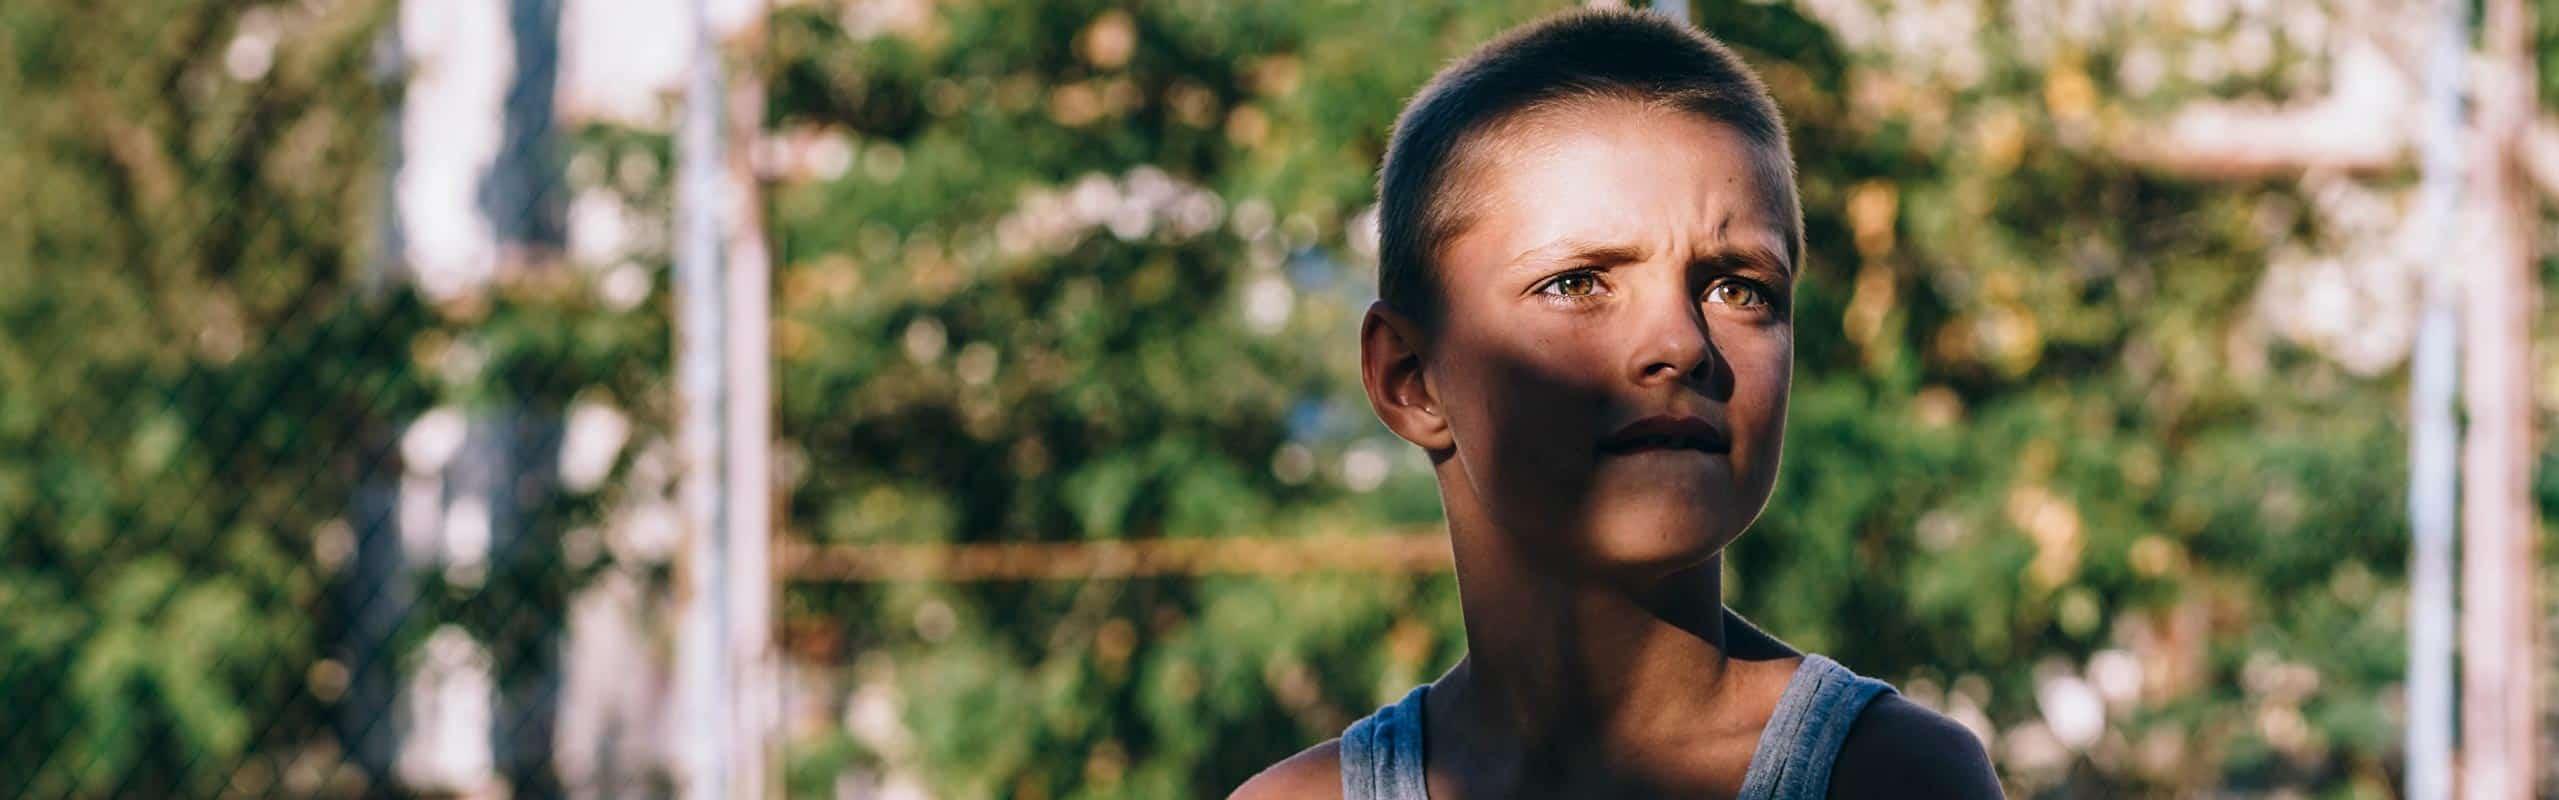 Descubre como se gestiona la preadolescencia